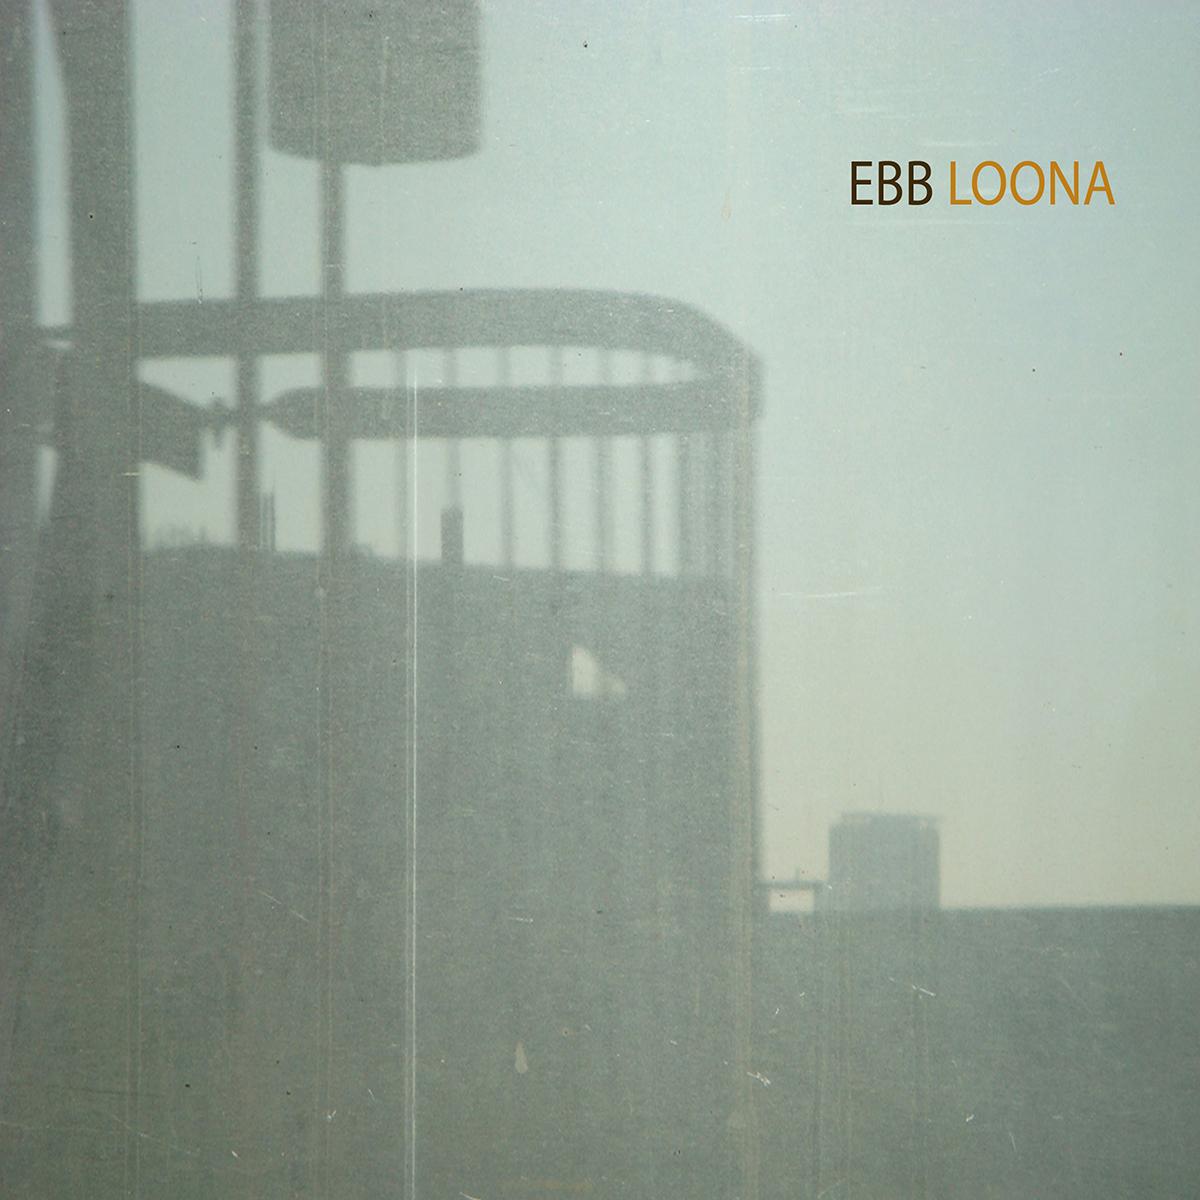 """Ebb veröffentlicht """"Loona"""" auf hfn music mit zwei neuen Bonustracks"""